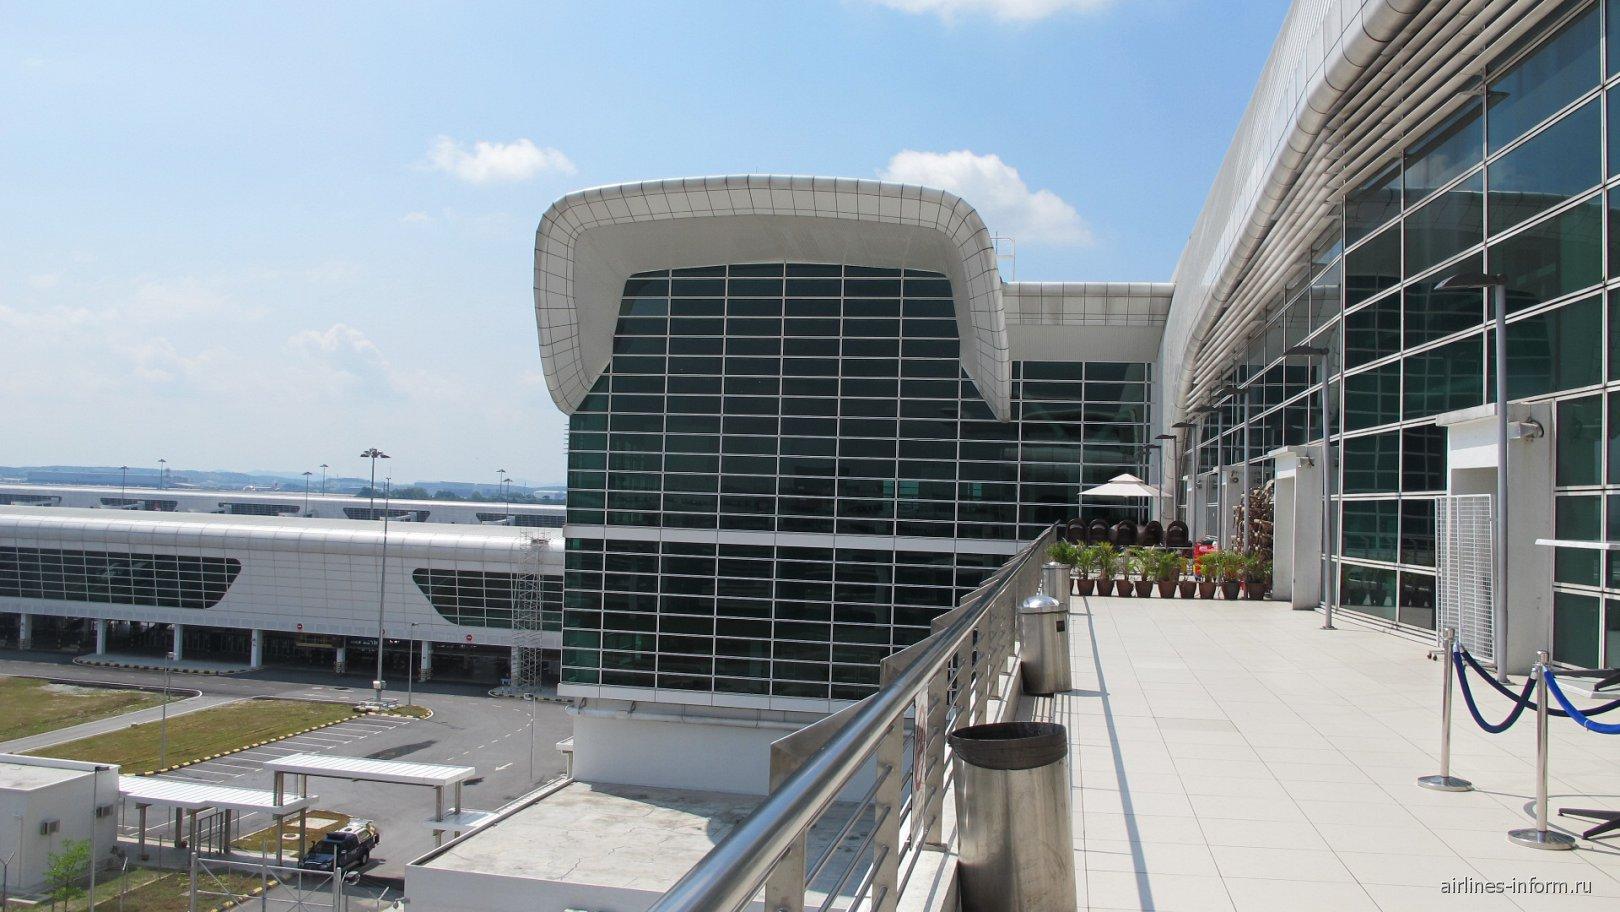 На площадке для курения в лоукост-терминале KLIA2 аэропорта Куала-Лумпур